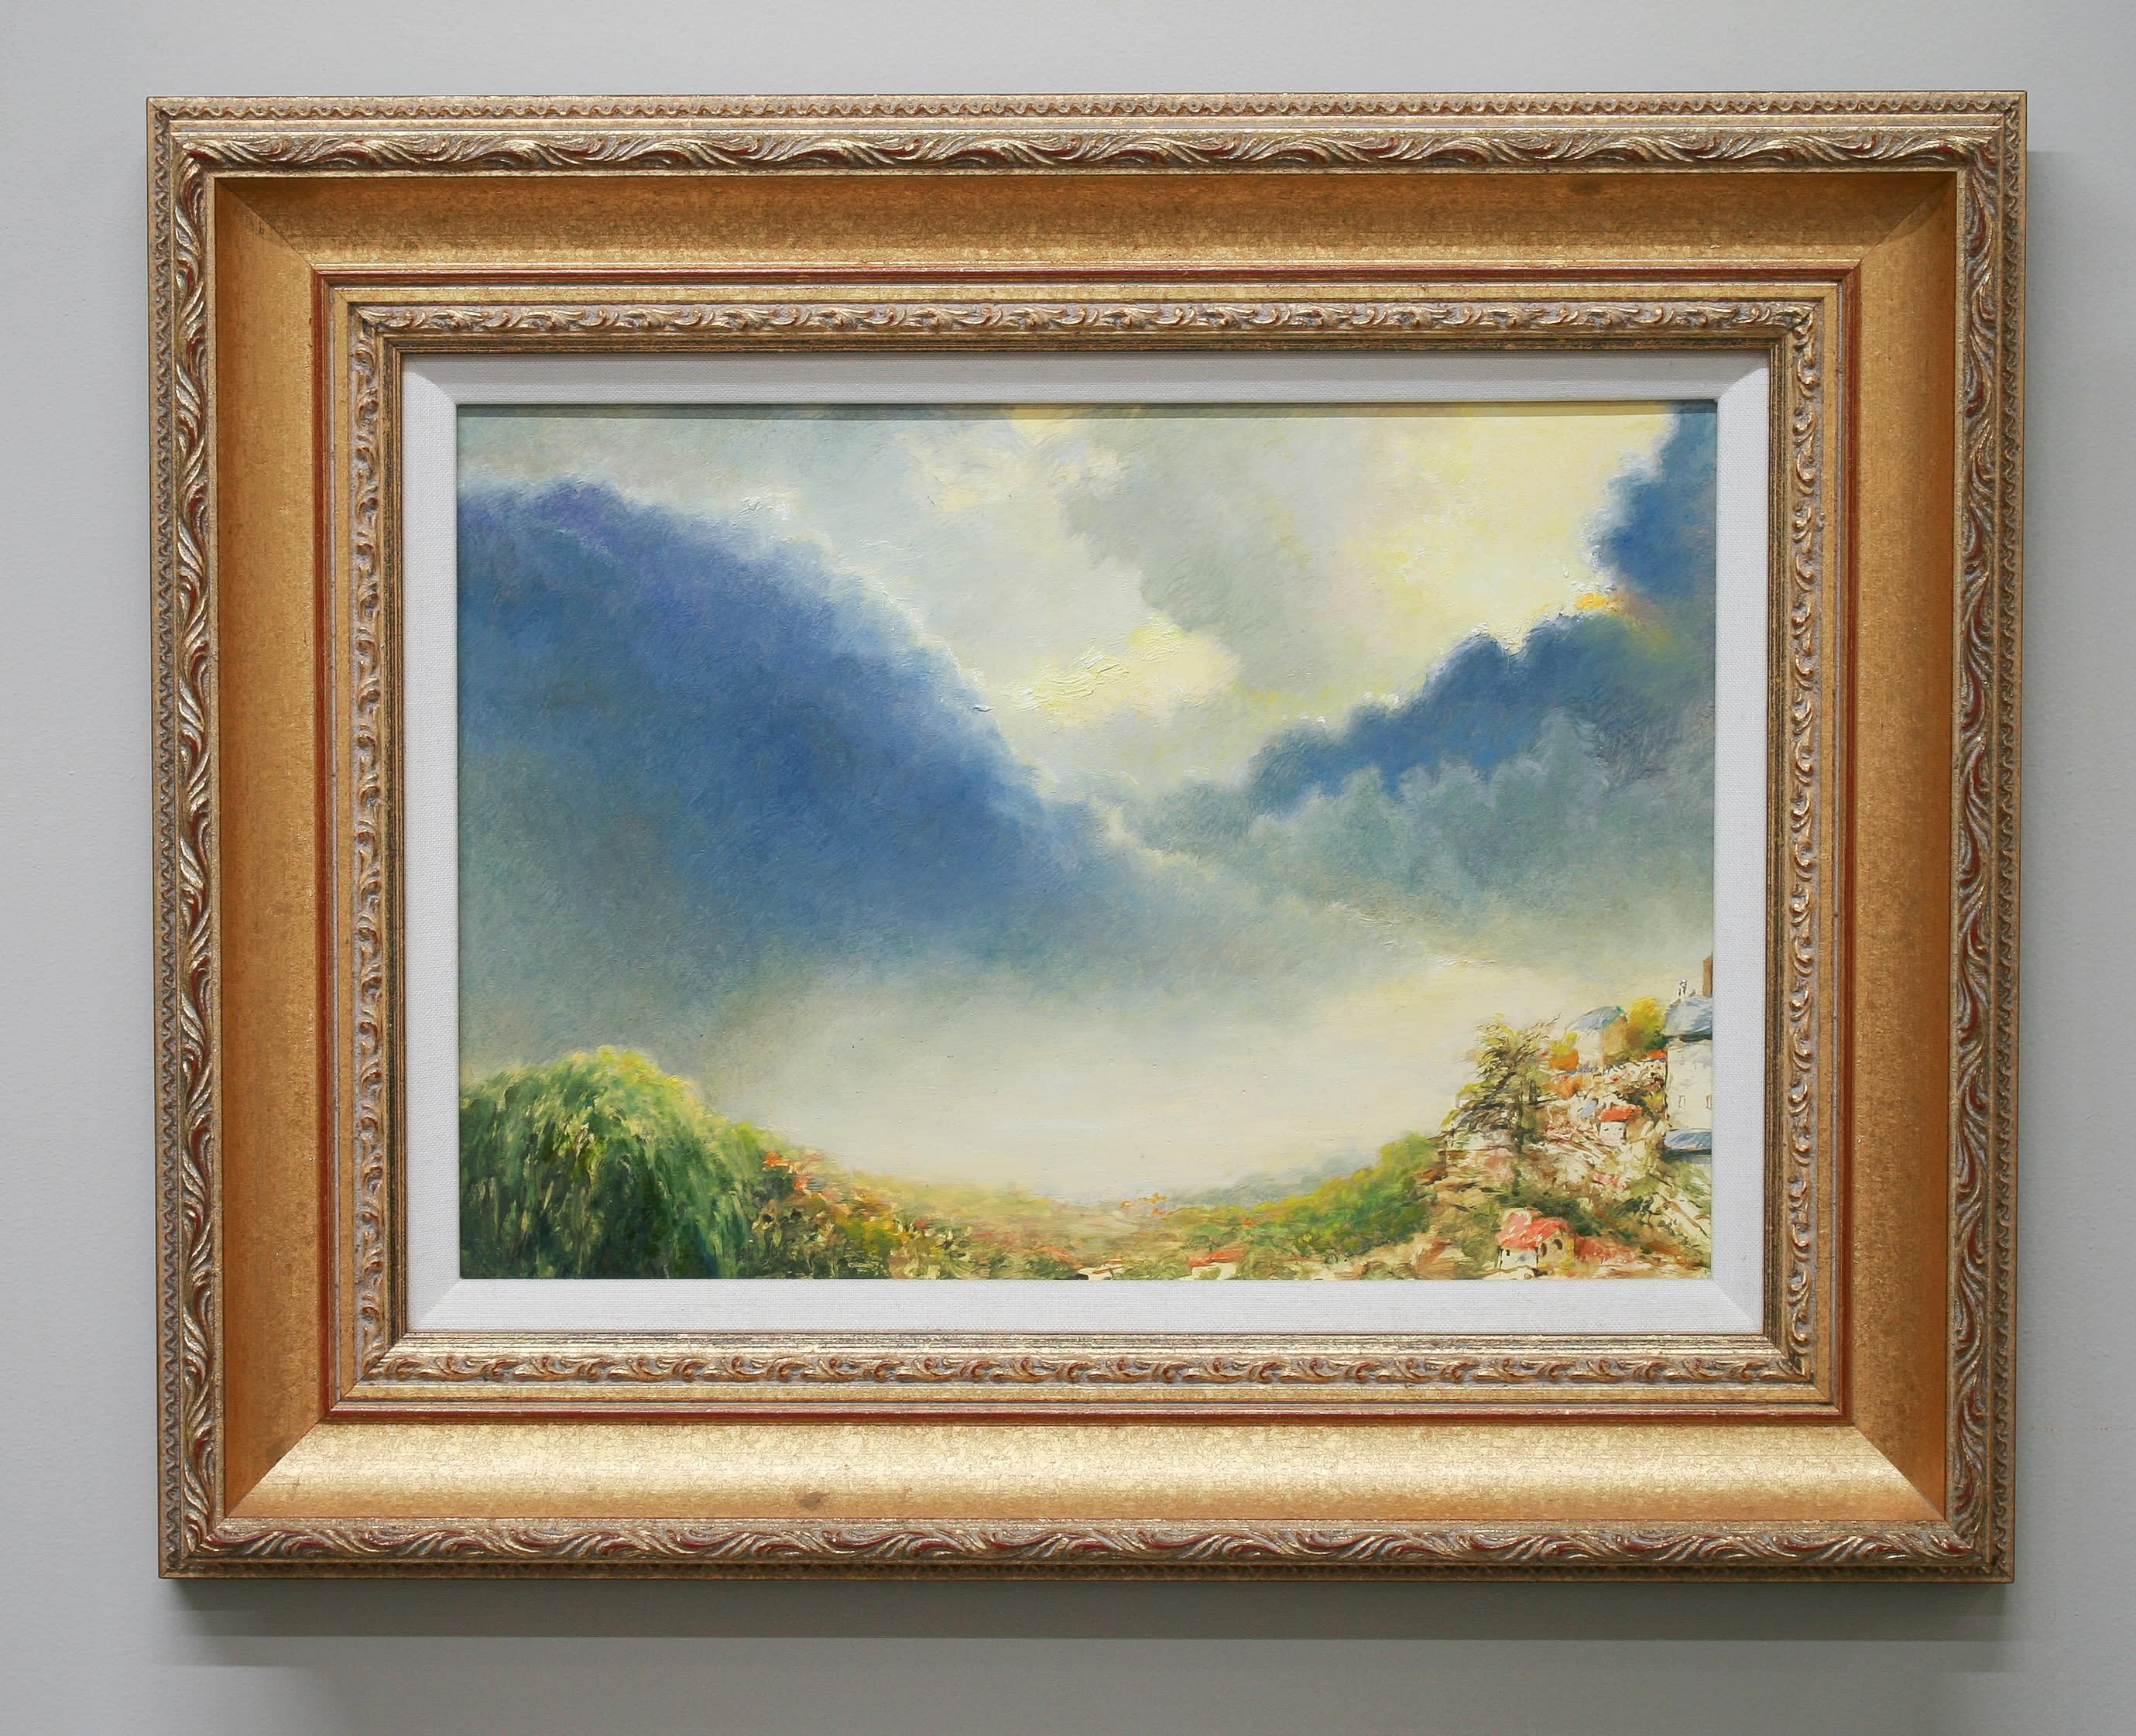 Framed art 4 2020 1 of 1  6 yt5cdp